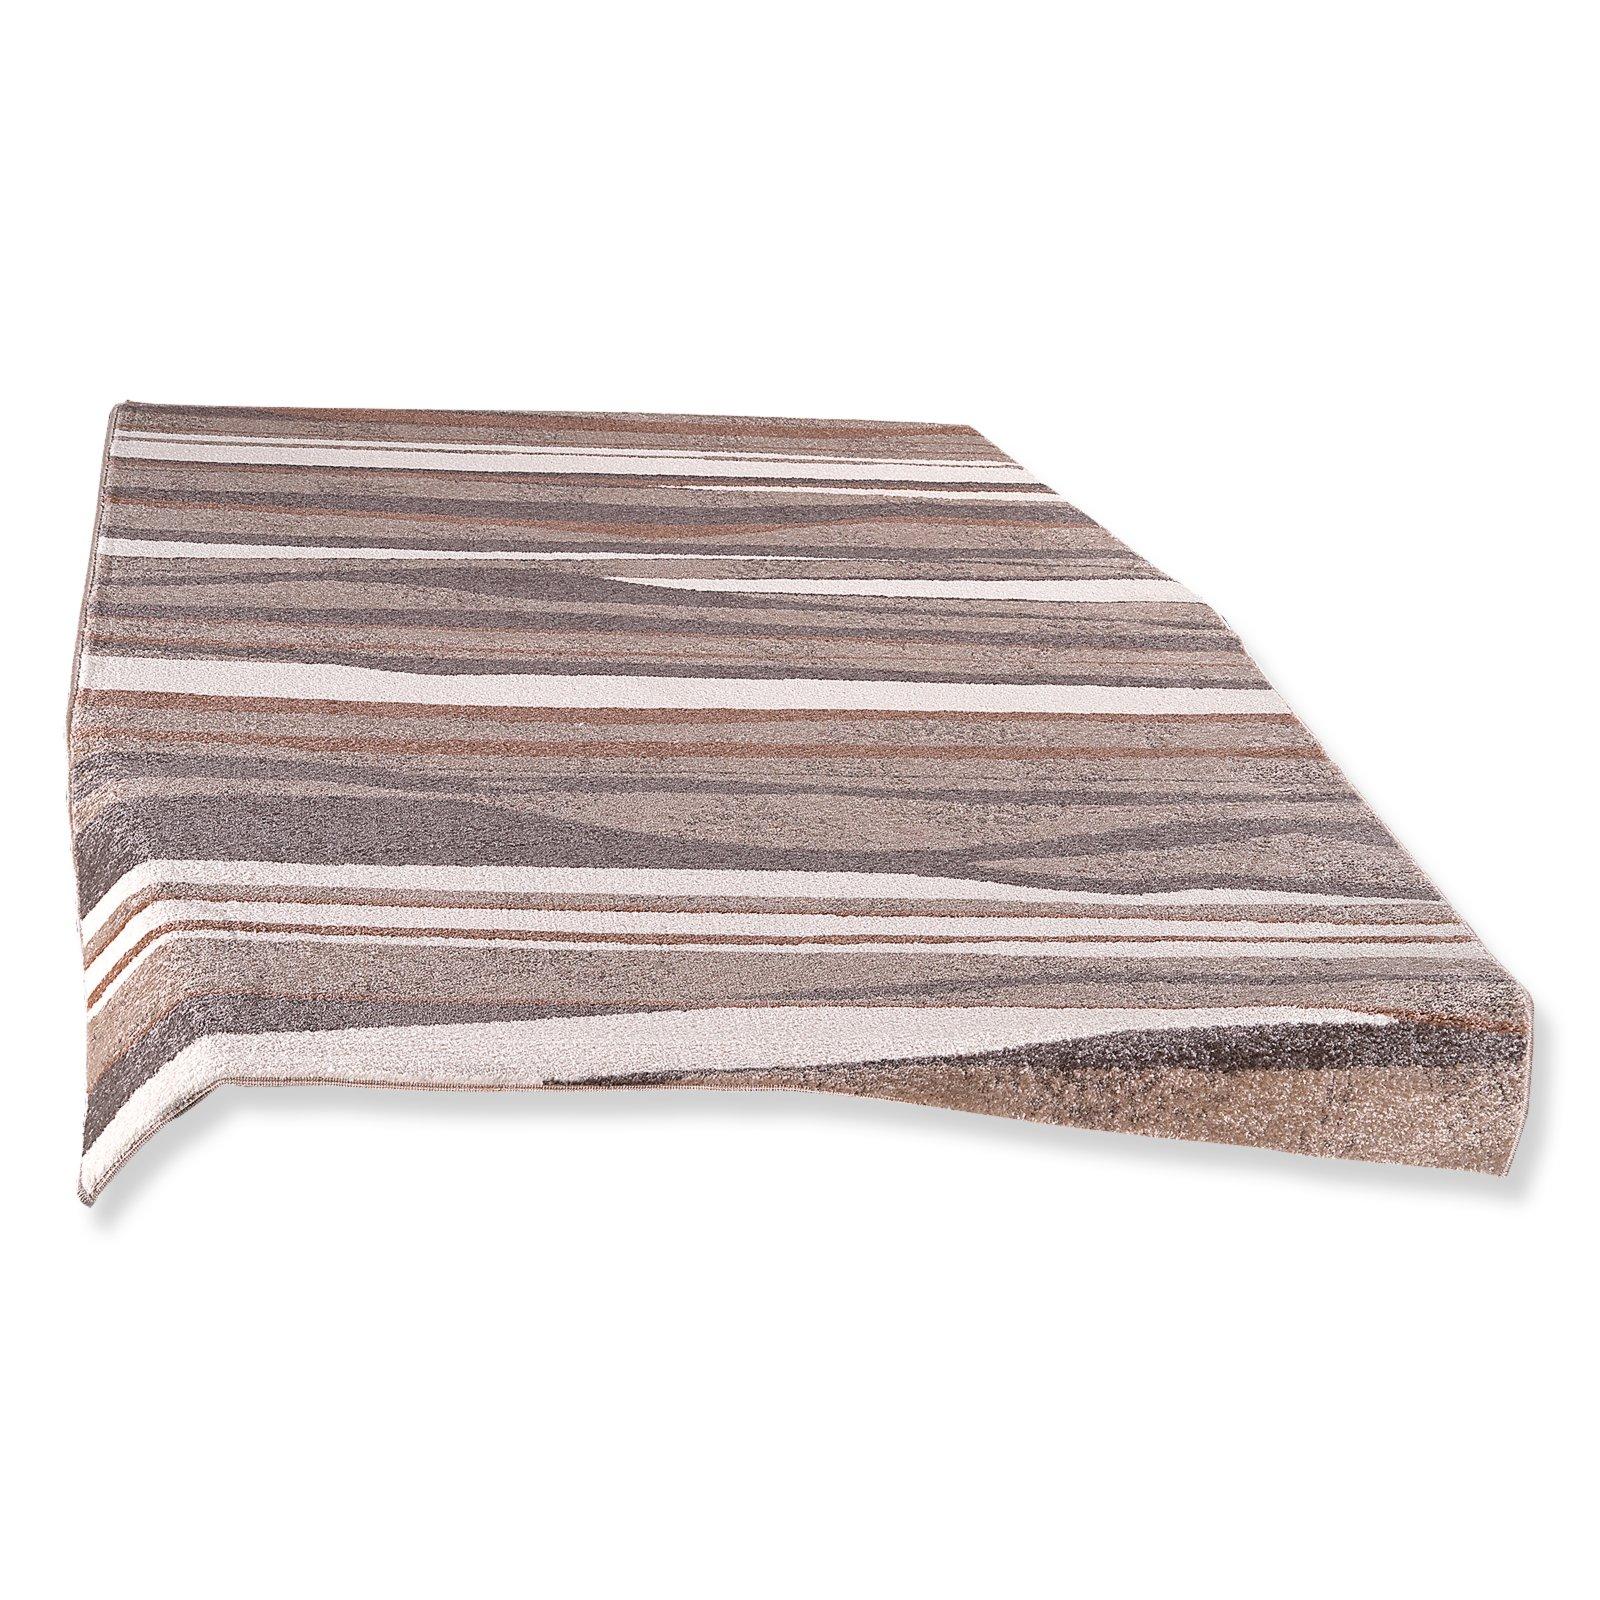 teppich beige 160x230 cm gemusterte teppiche teppiche l ufer deko haushalt. Black Bedroom Furniture Sets. Home Design Ideas